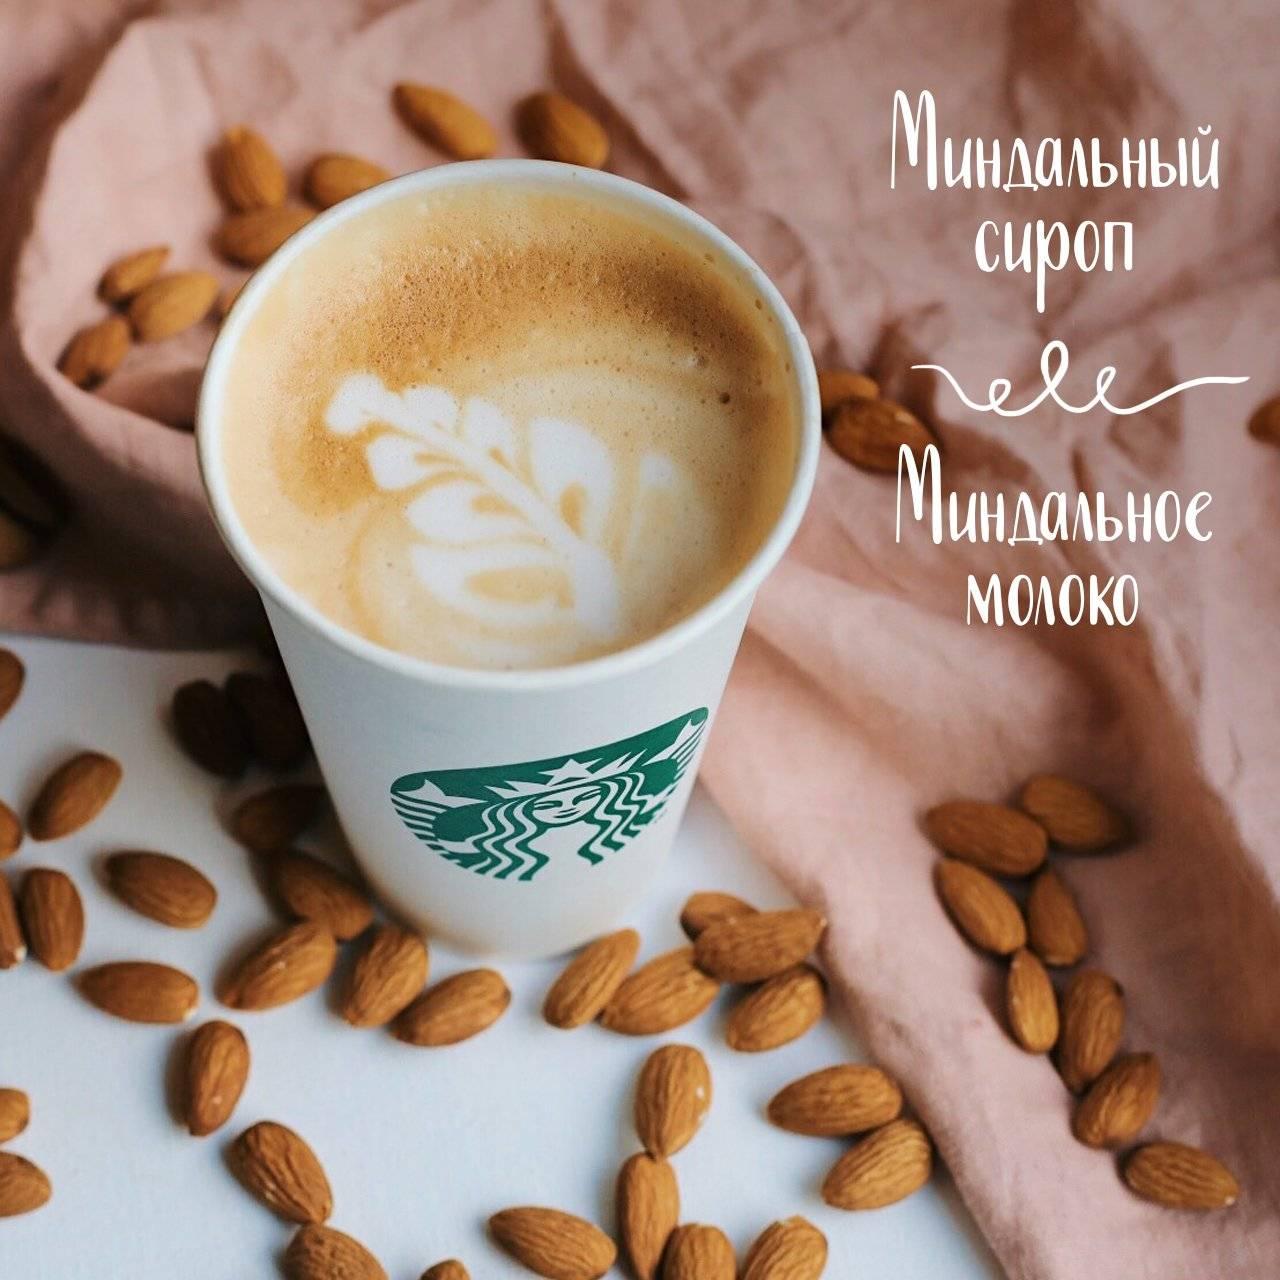 Кофе по восточному: рецепты арабского кофе